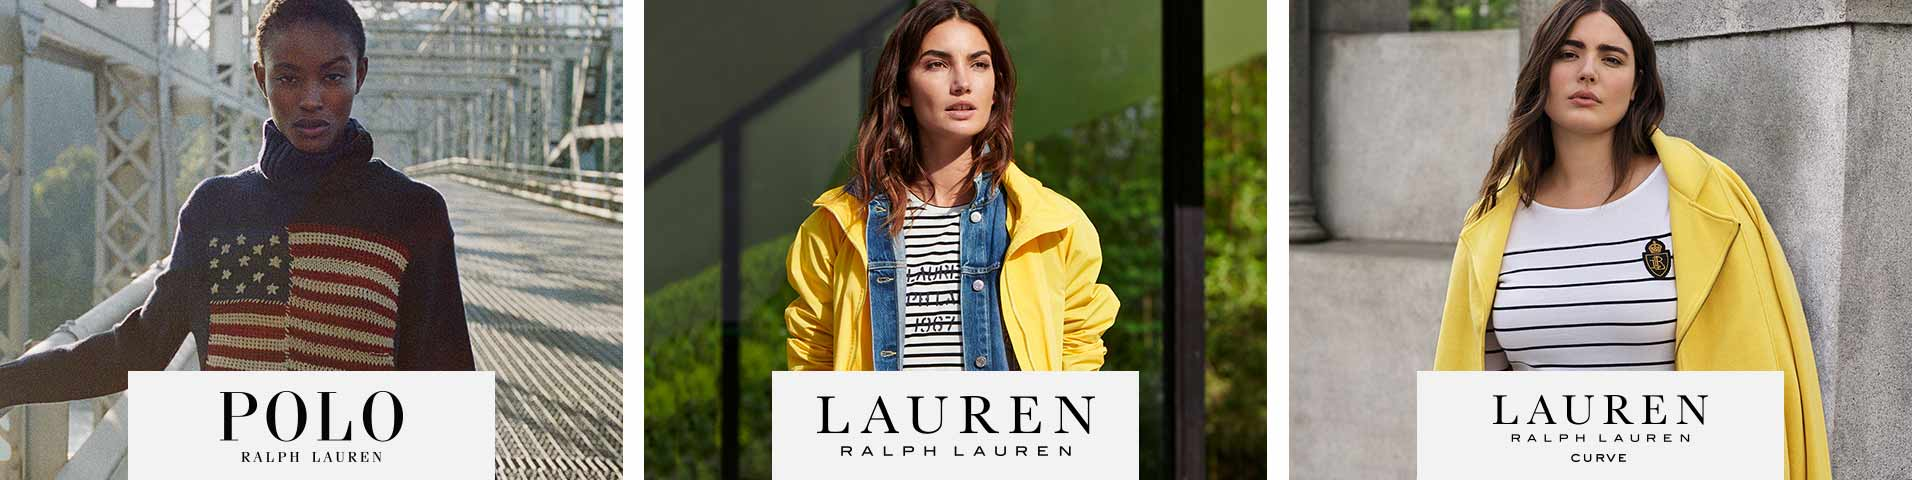 Vêtements femme Ralph Lauren en ligne   Commandez dès maintenant sur Zalando 4a5f53dfbbf